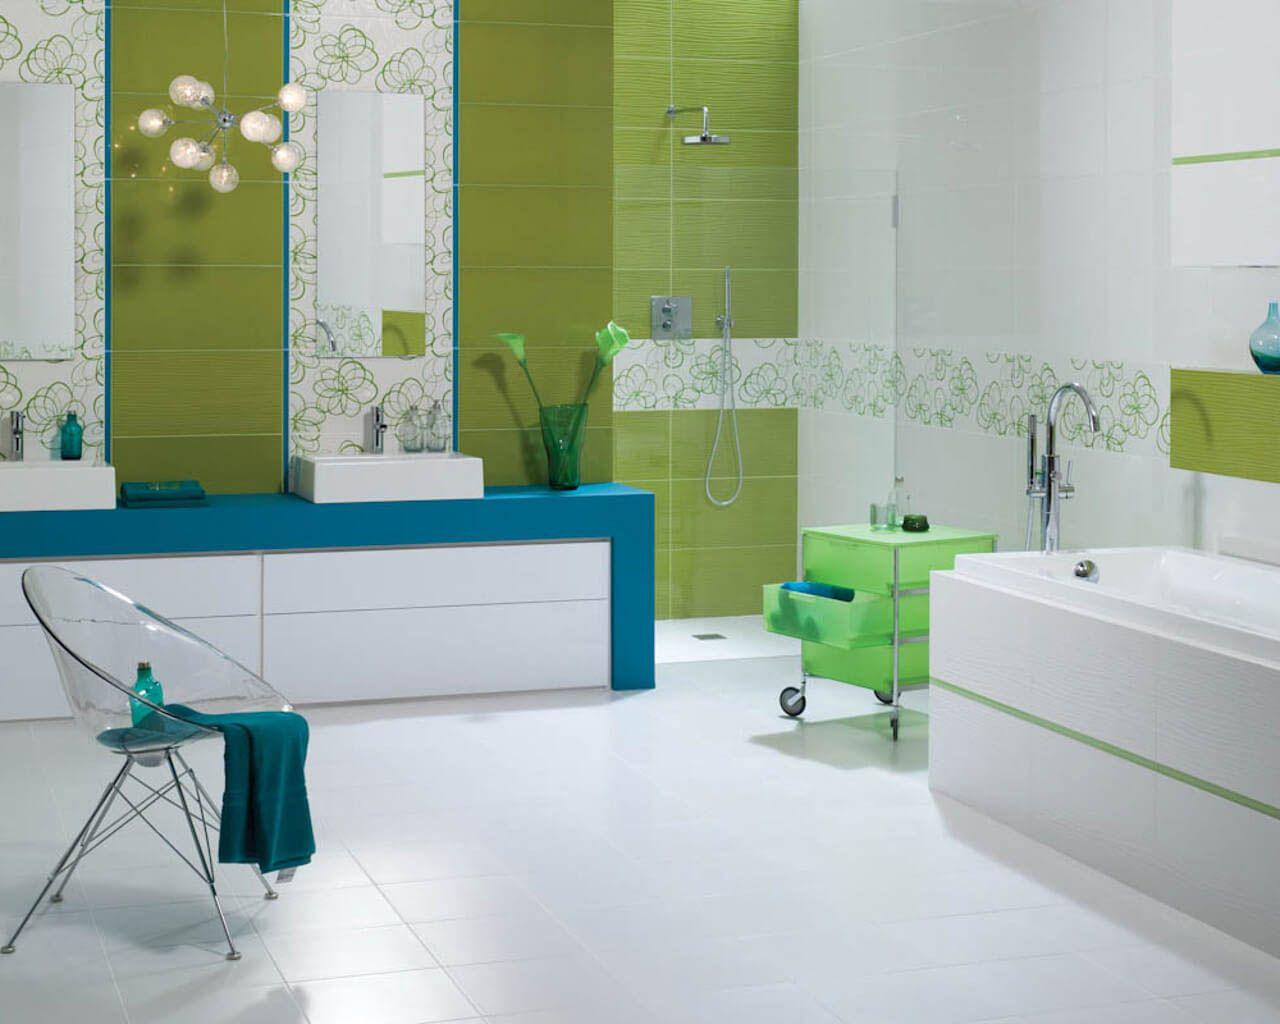 Biało Zielono Błękitna Rodzinna łazienka Z Wanną I